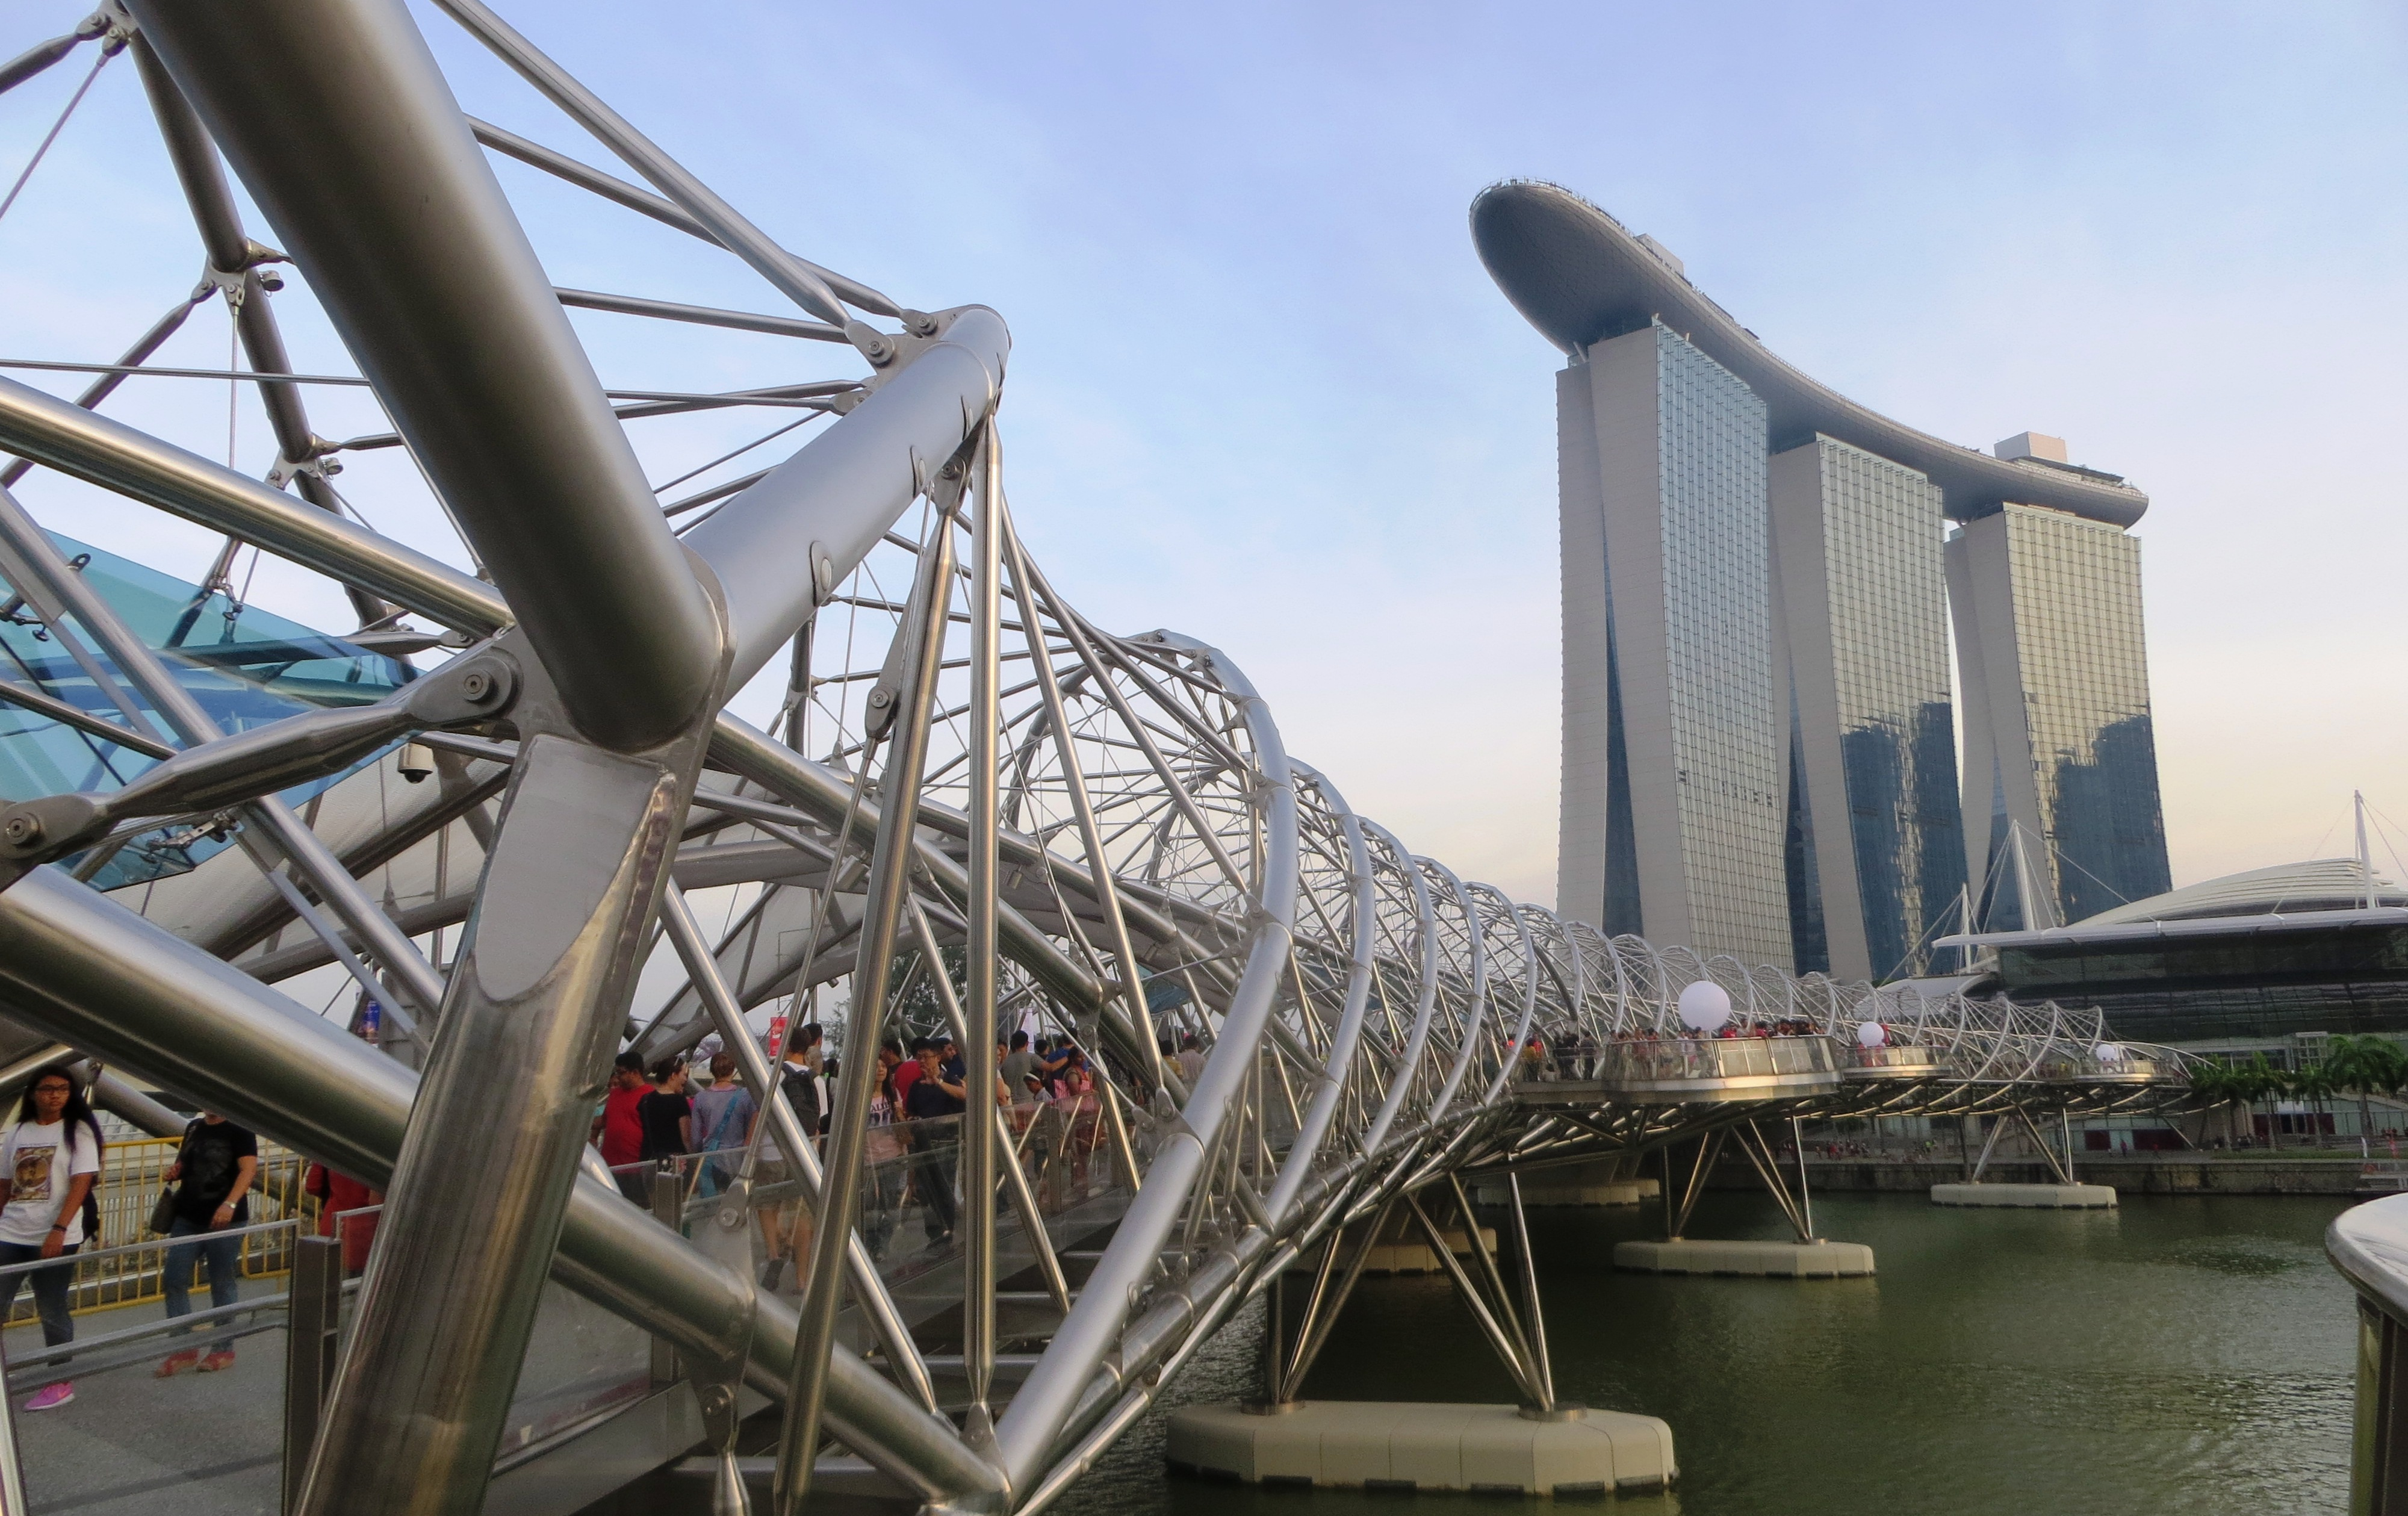 Randki ekspatriantów w Malezji